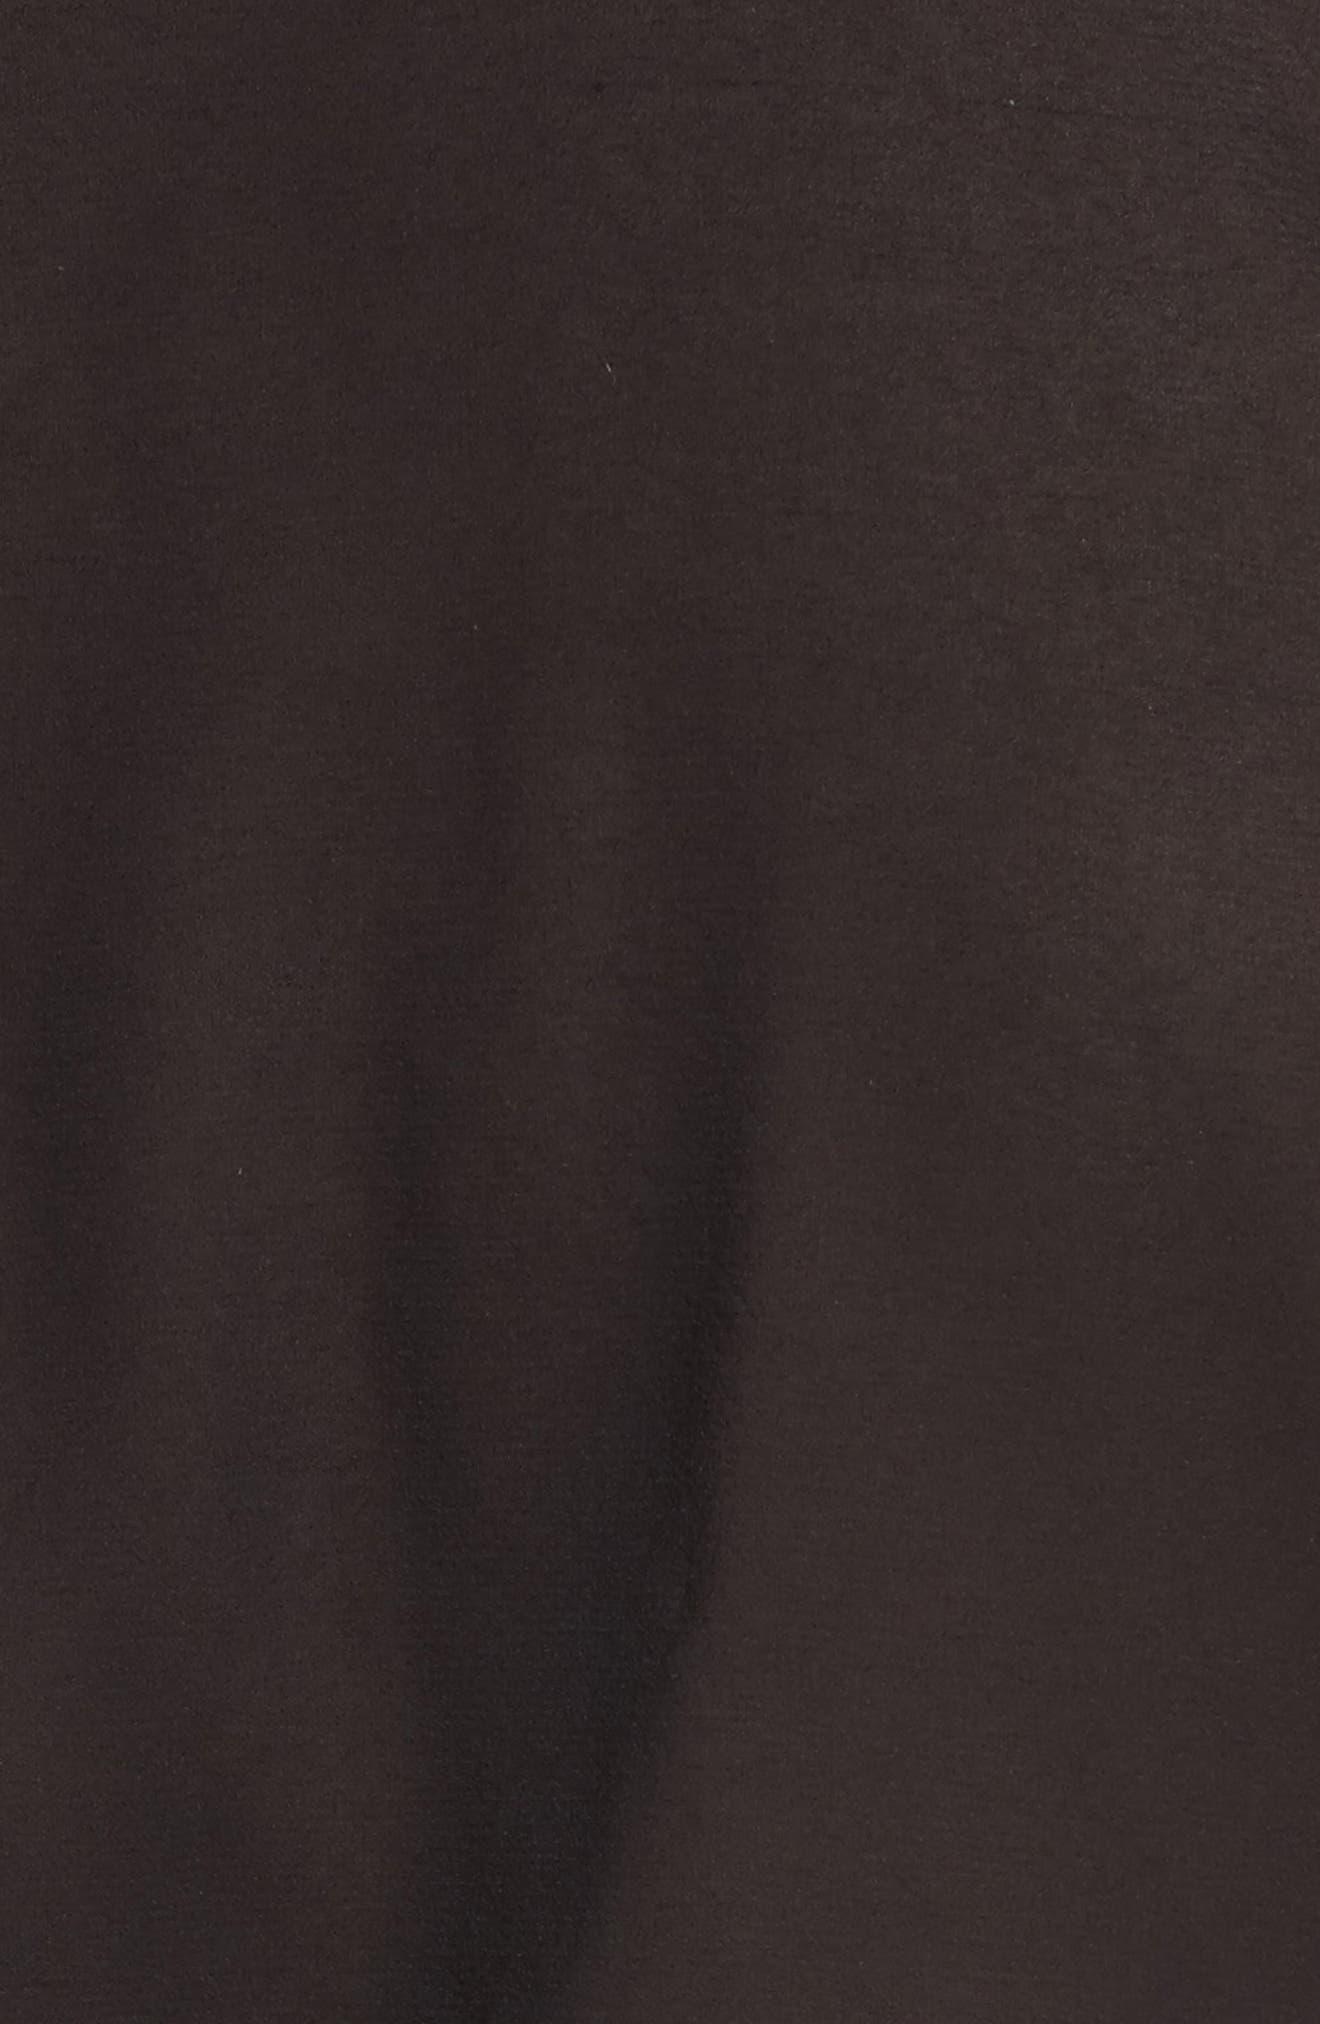 Claudette Cold Shoulder Blouse,                             Alternate thumbnail 5, color,                             Black